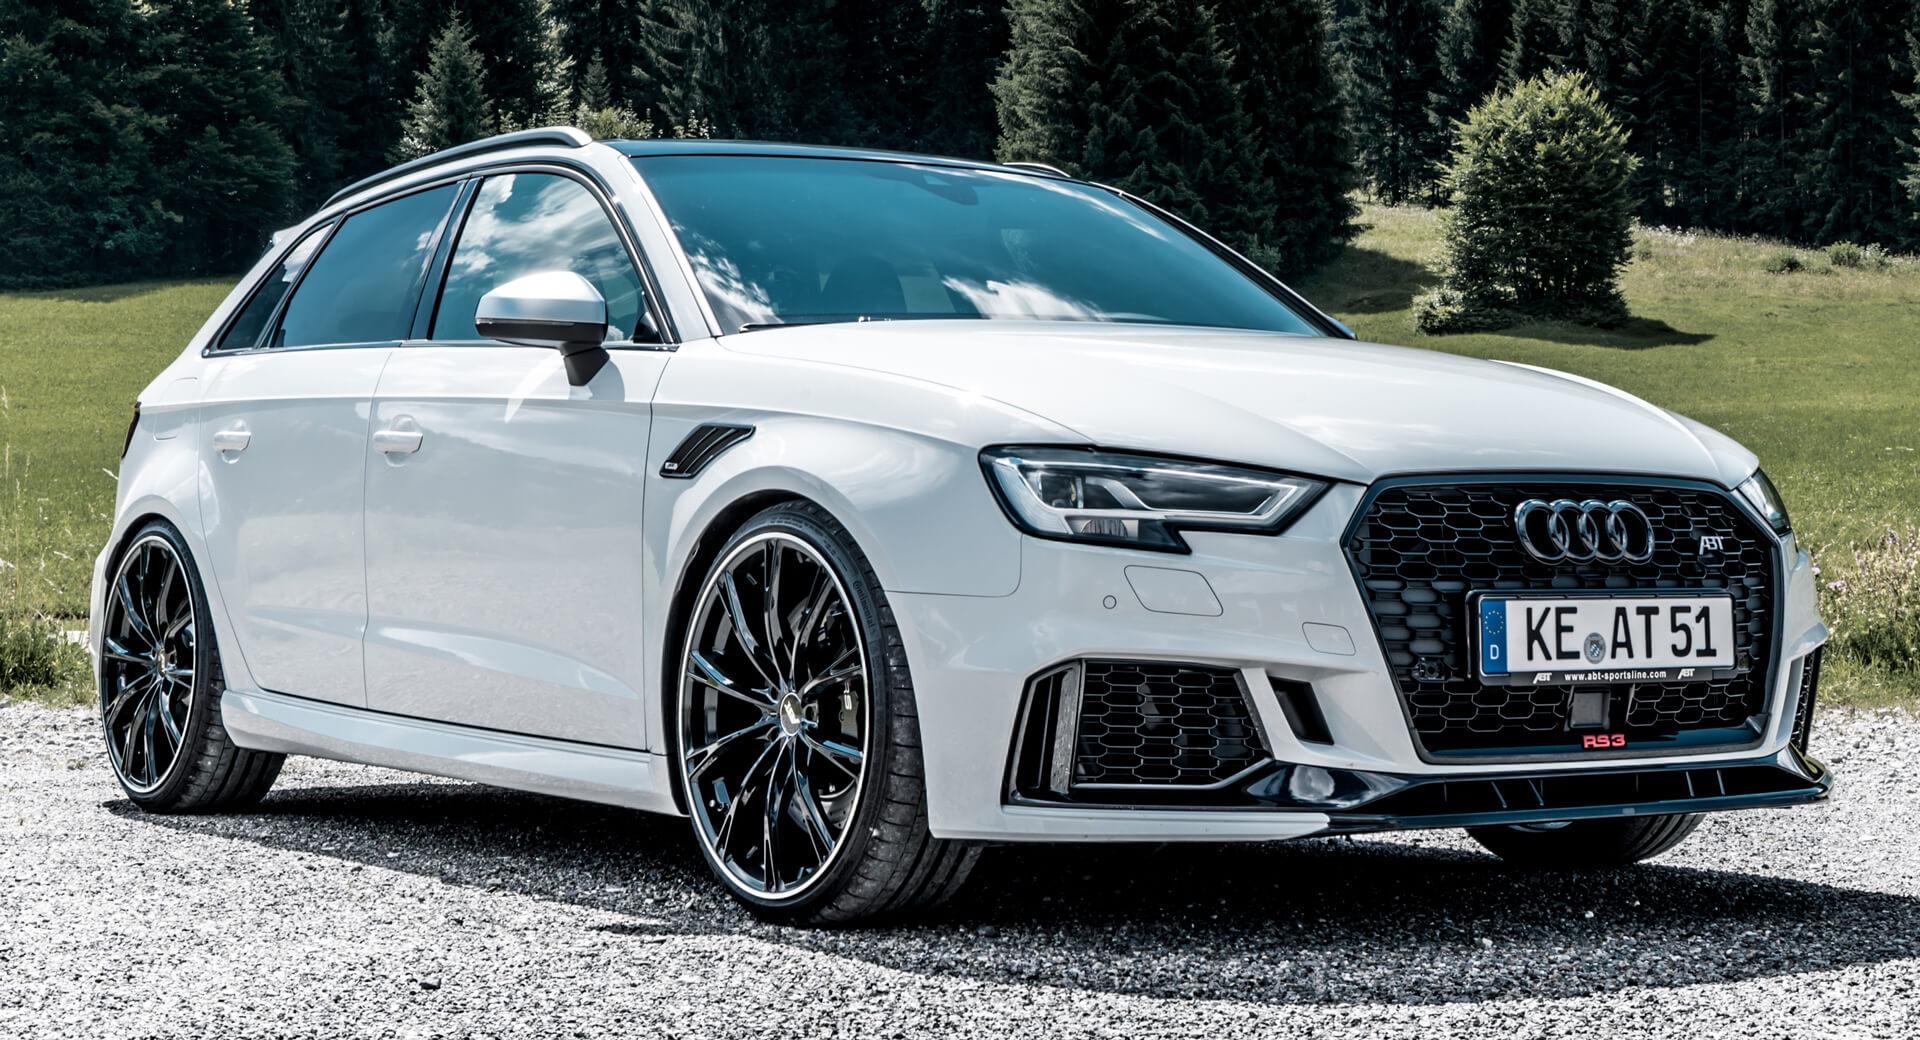 Kelebihan Kekurangan Audi Rs3 Sportback 2018 Harga